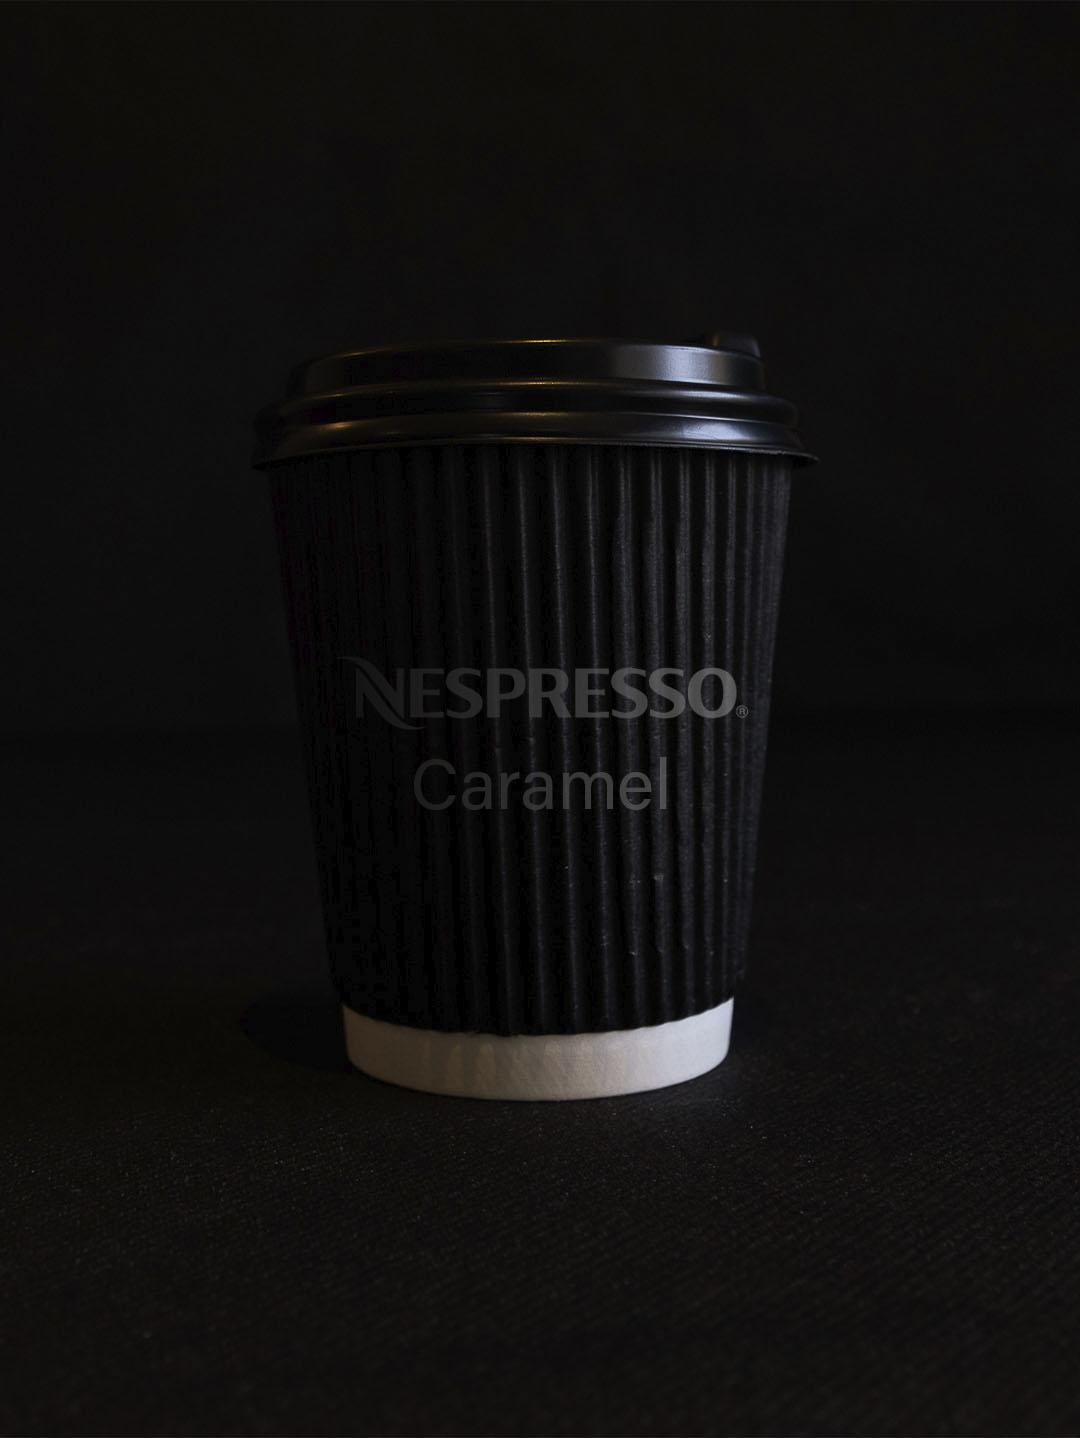 Nespresso caramel coeur gourmand